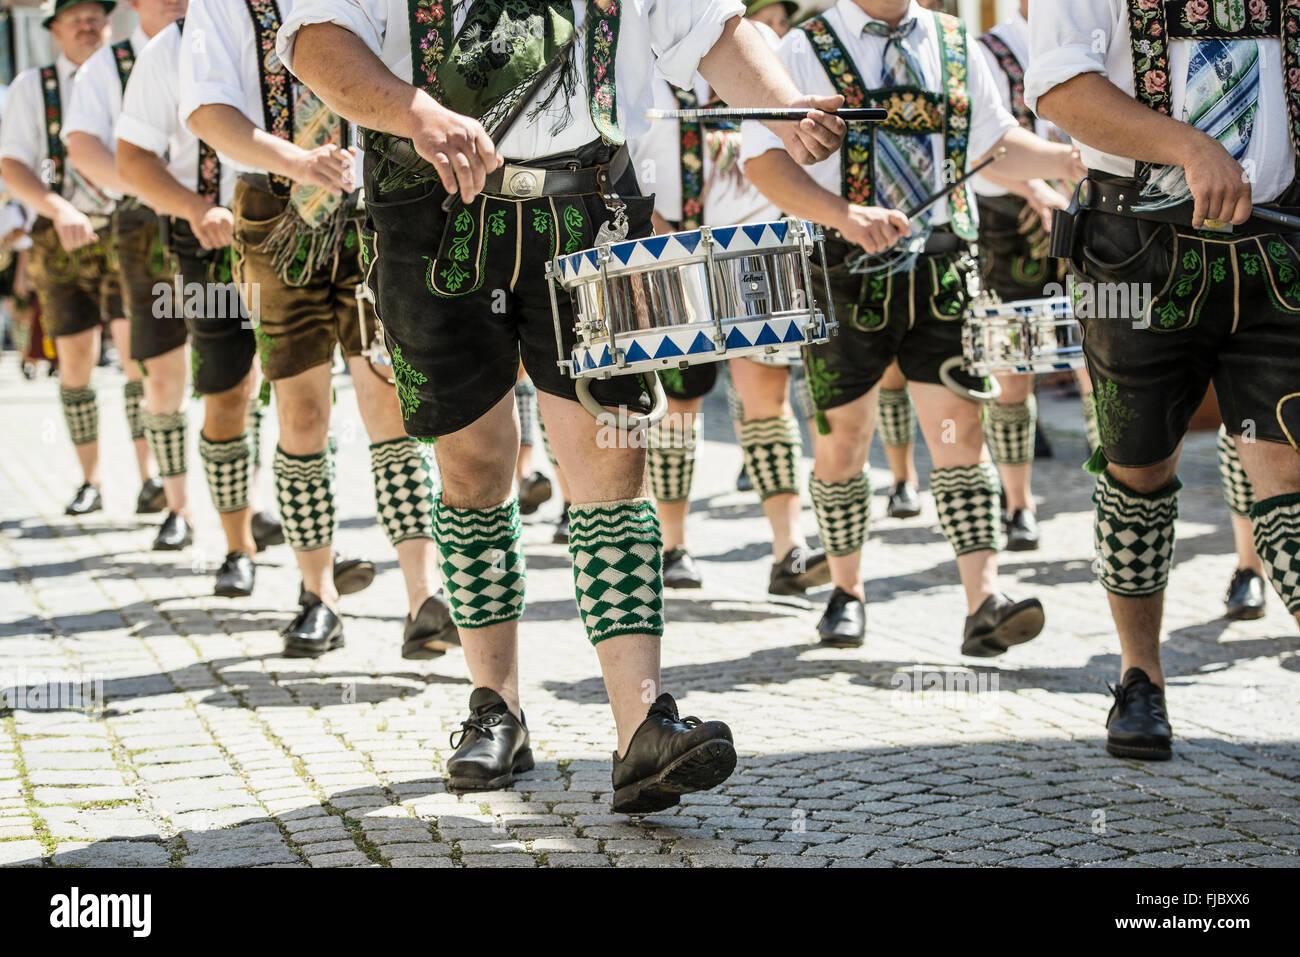 Parade Marching Band, tradizionale sfilata in costume, Garmisch-Partenkirchen, Alta Baviera, Baviera, Germania Immagini Stock